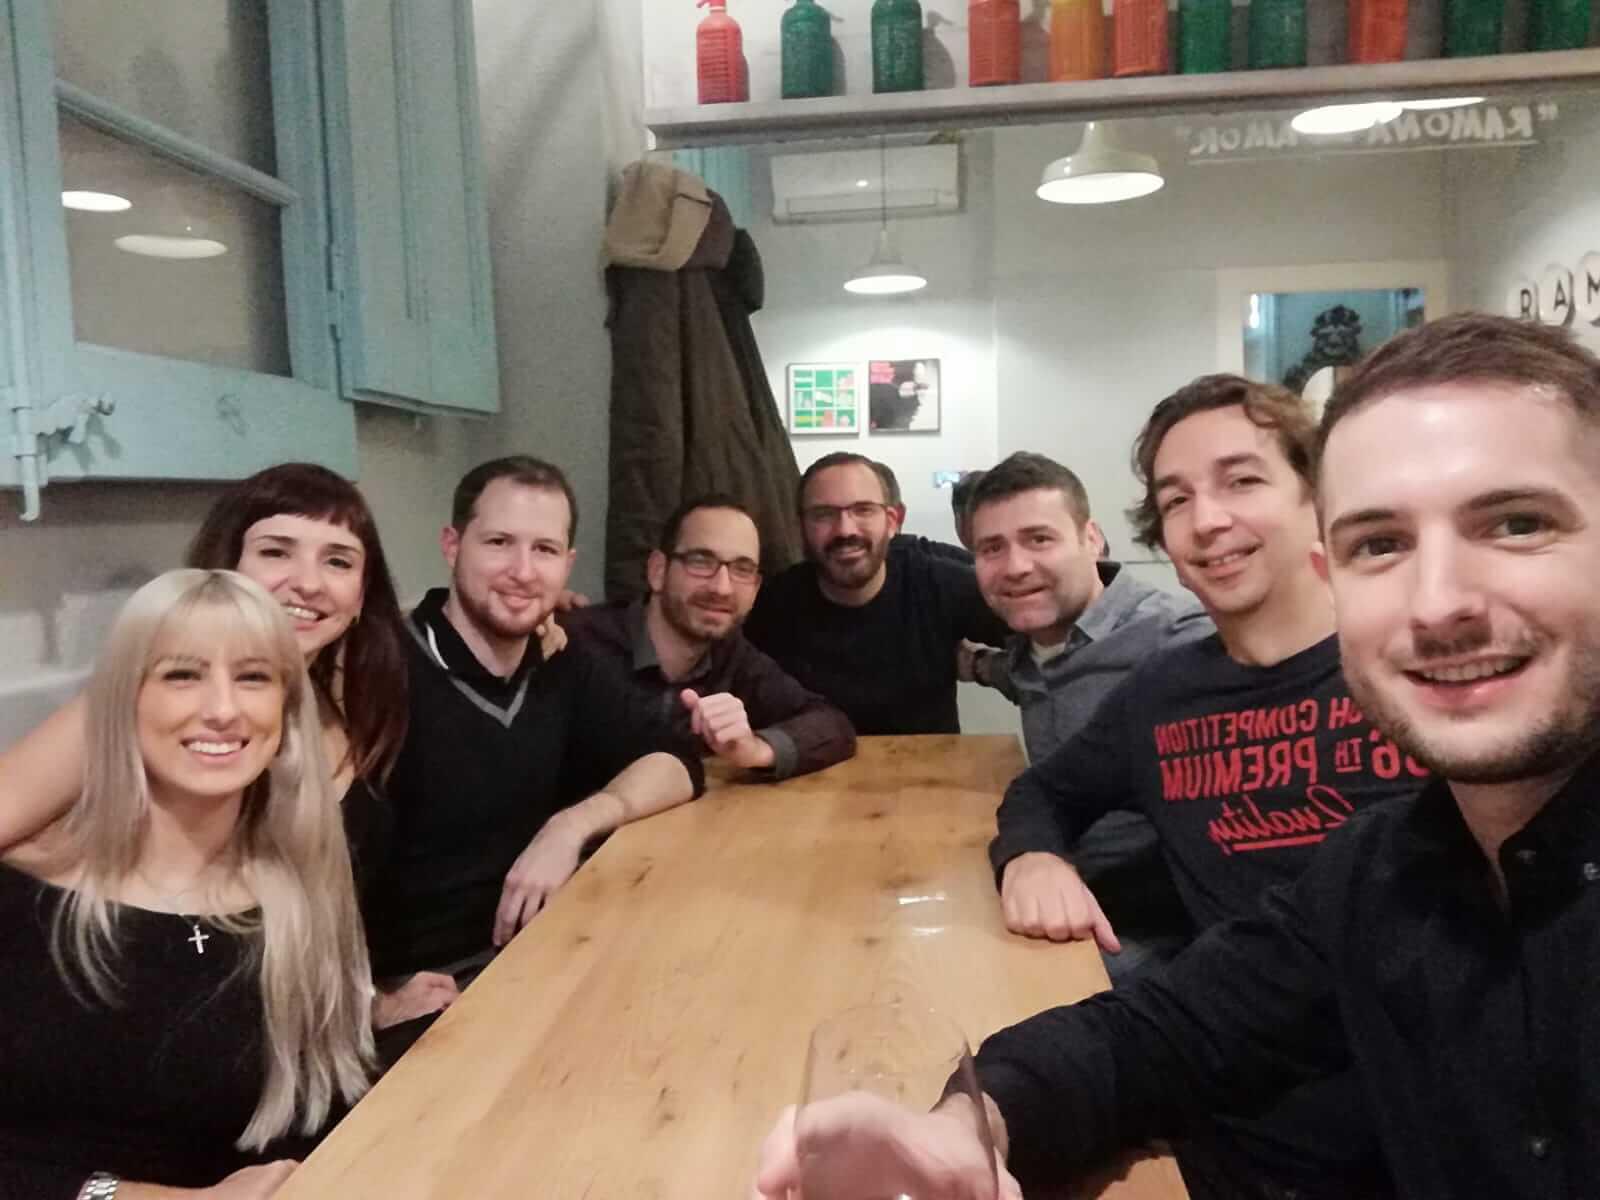 Els companys del coworking Coco Place de Barcelona anem a sopar per les festes nadalenques